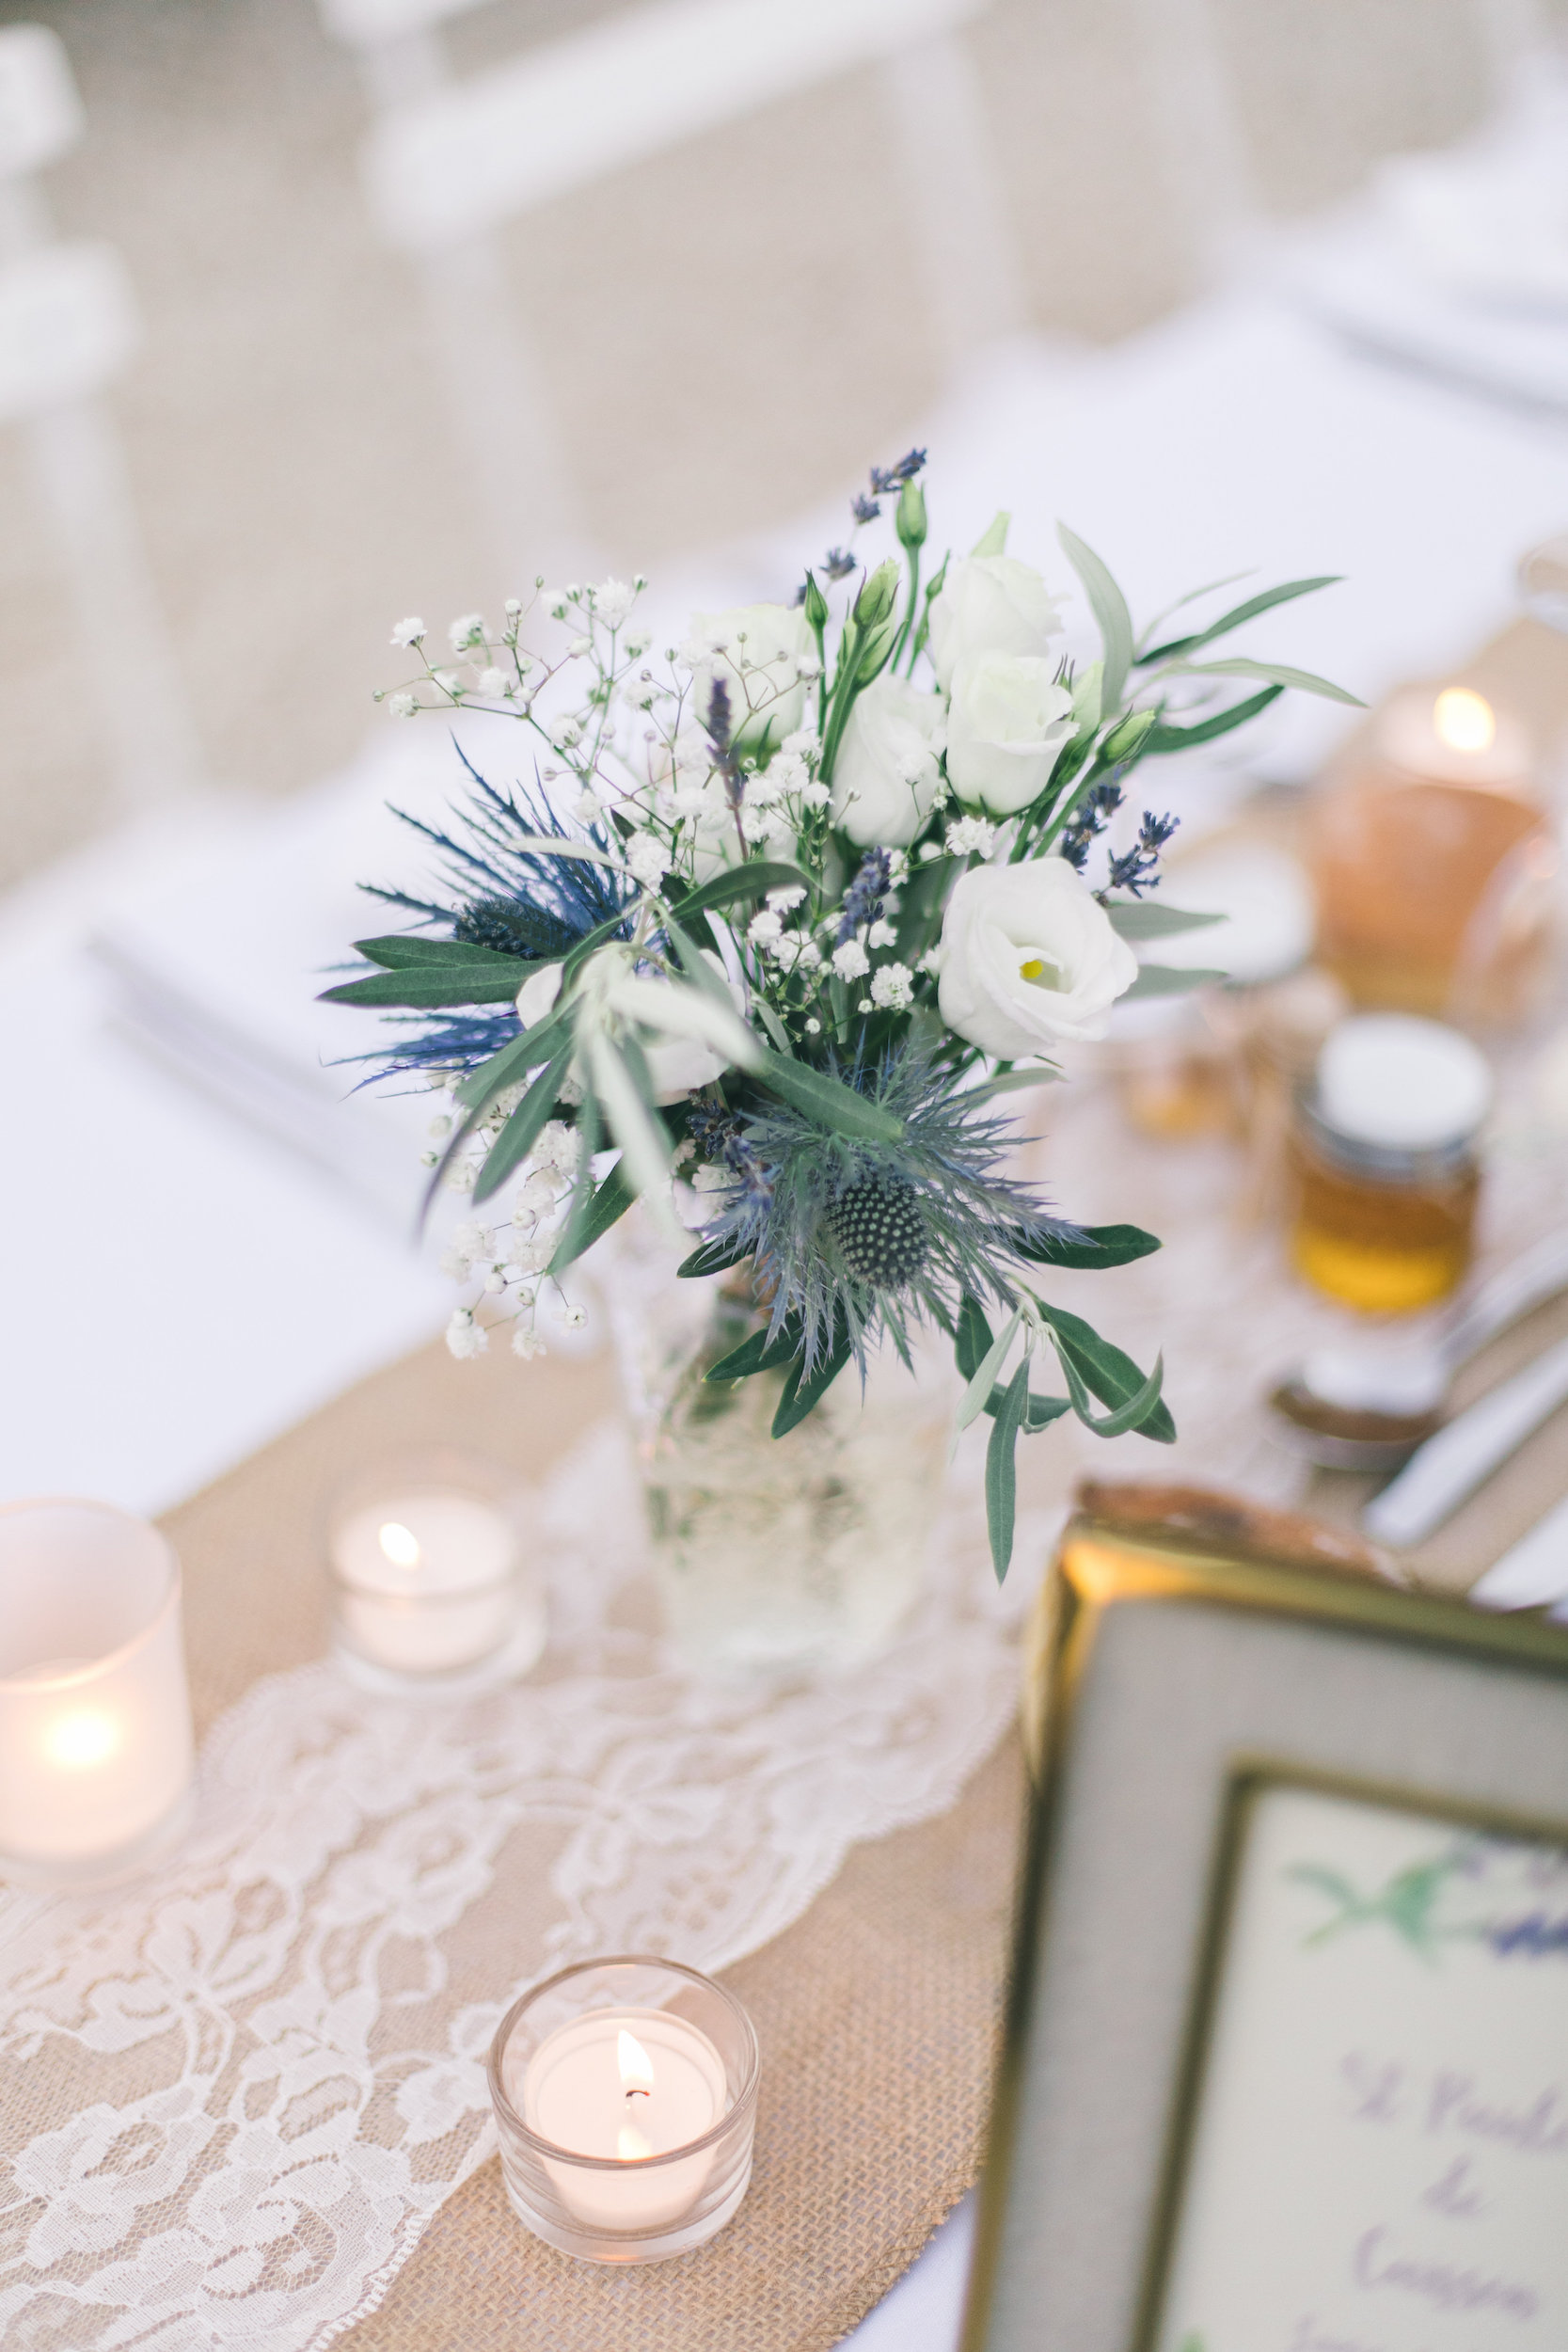 le coeur dans les etoiles - wedding planner - gard - provence - mariage provence - L&C - sebastien cabanes - fleurs